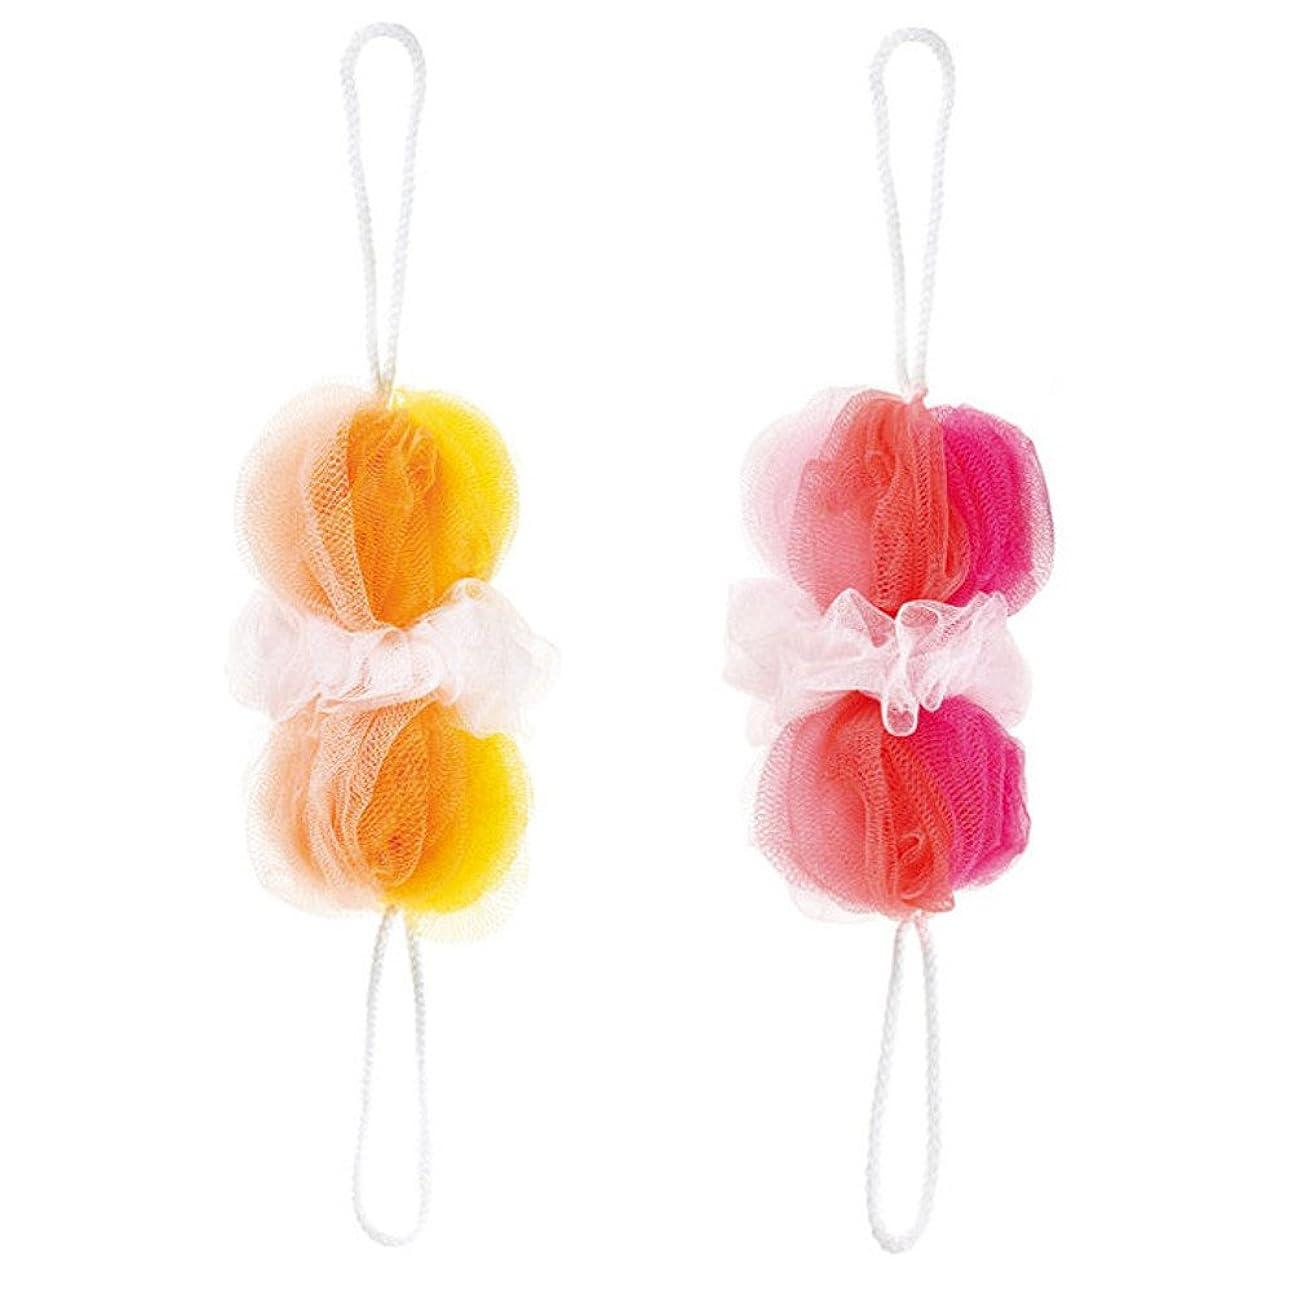 成分メアリアンジョーンズそうでなければマーナ 背中も洗えるシャボンボール ミックス 2色セット(P&Y)